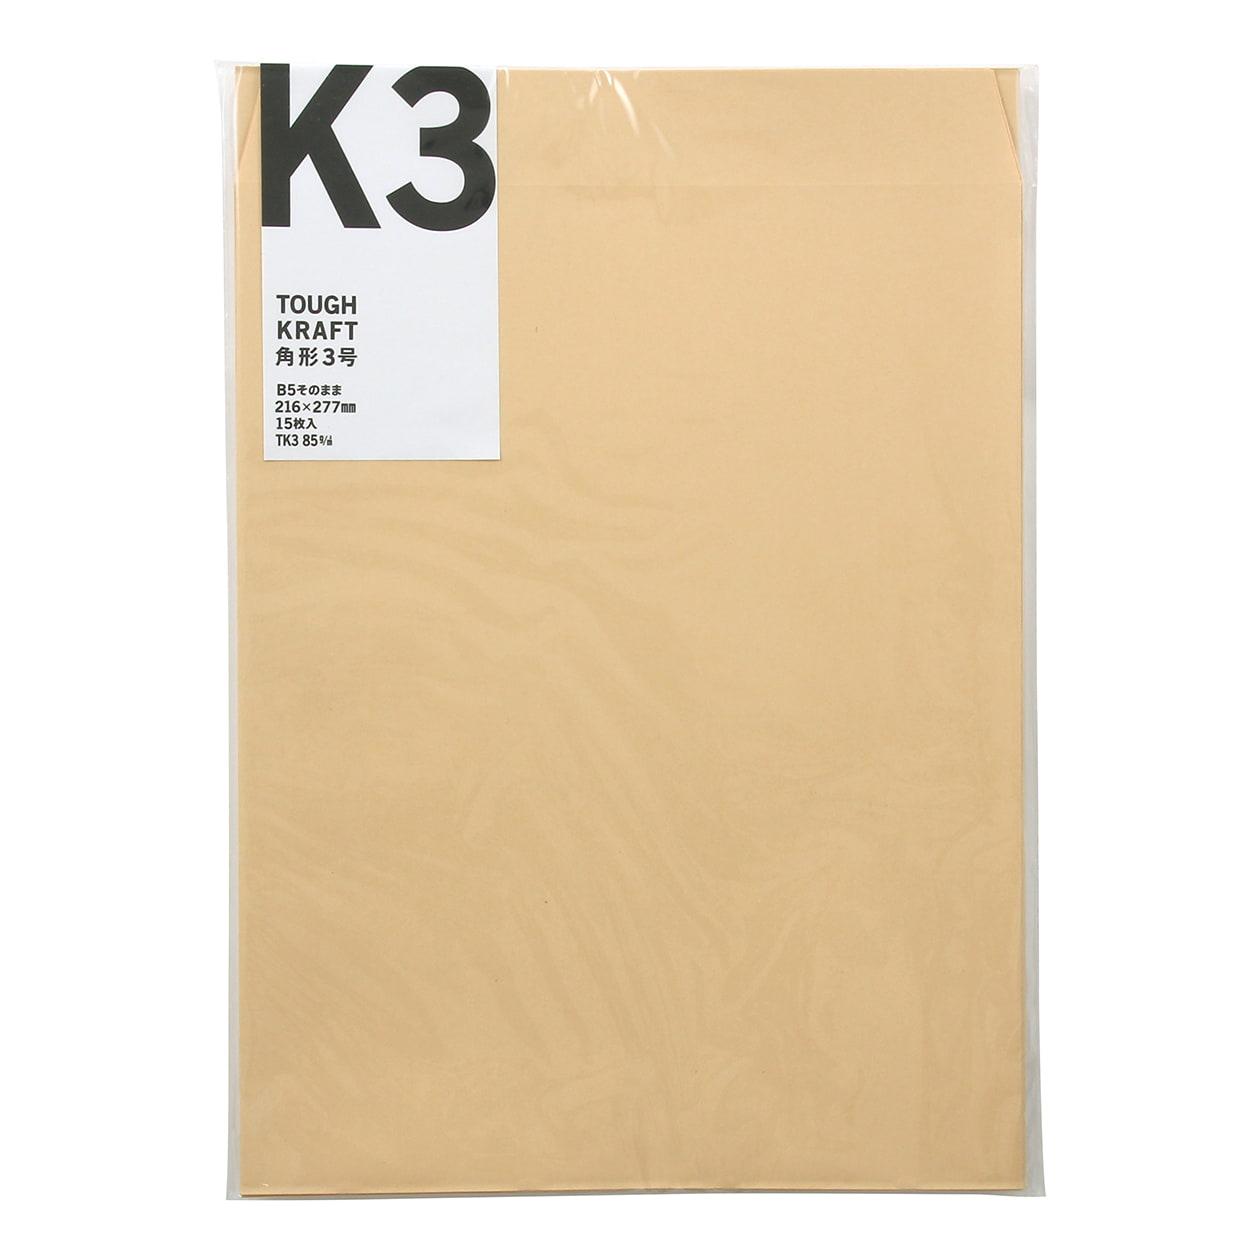 タフクラフト 角3封筒 1パック15枚入